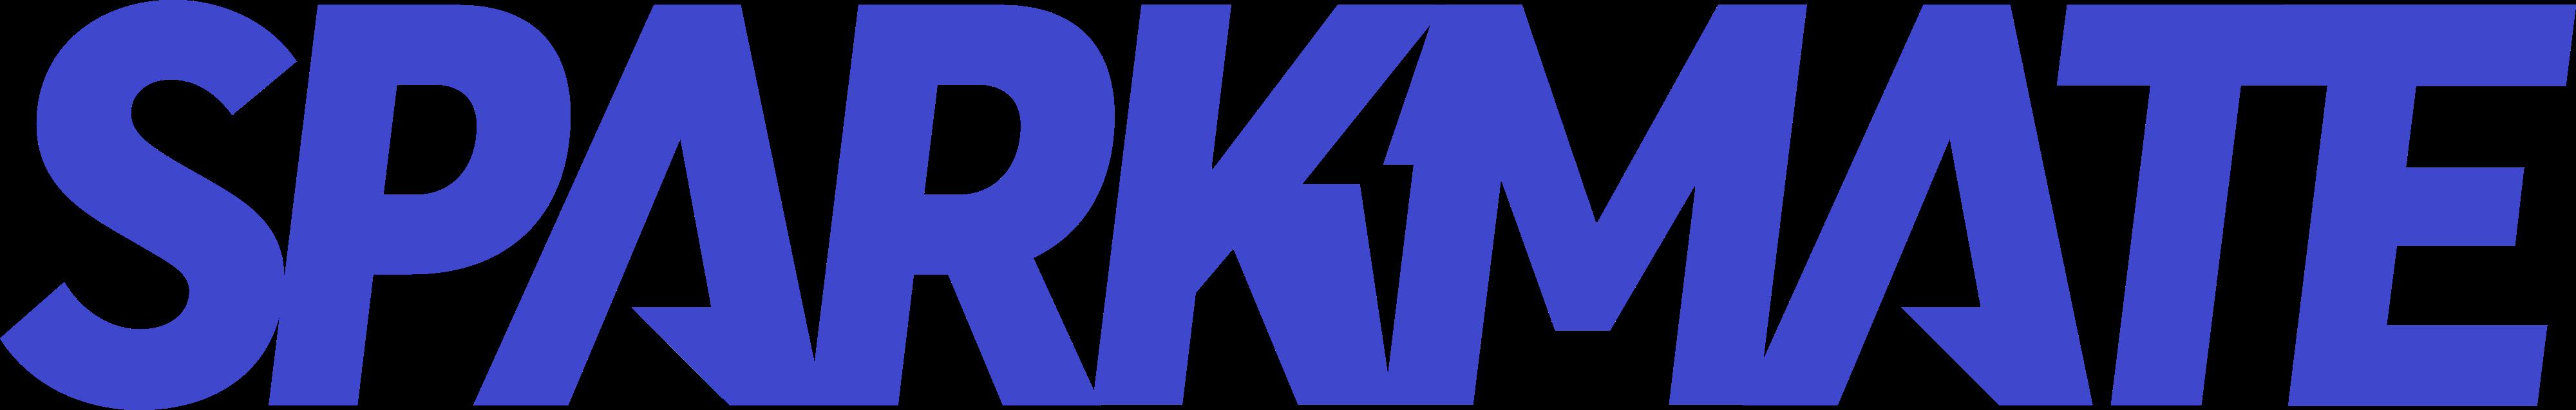 Logo Sparkmate